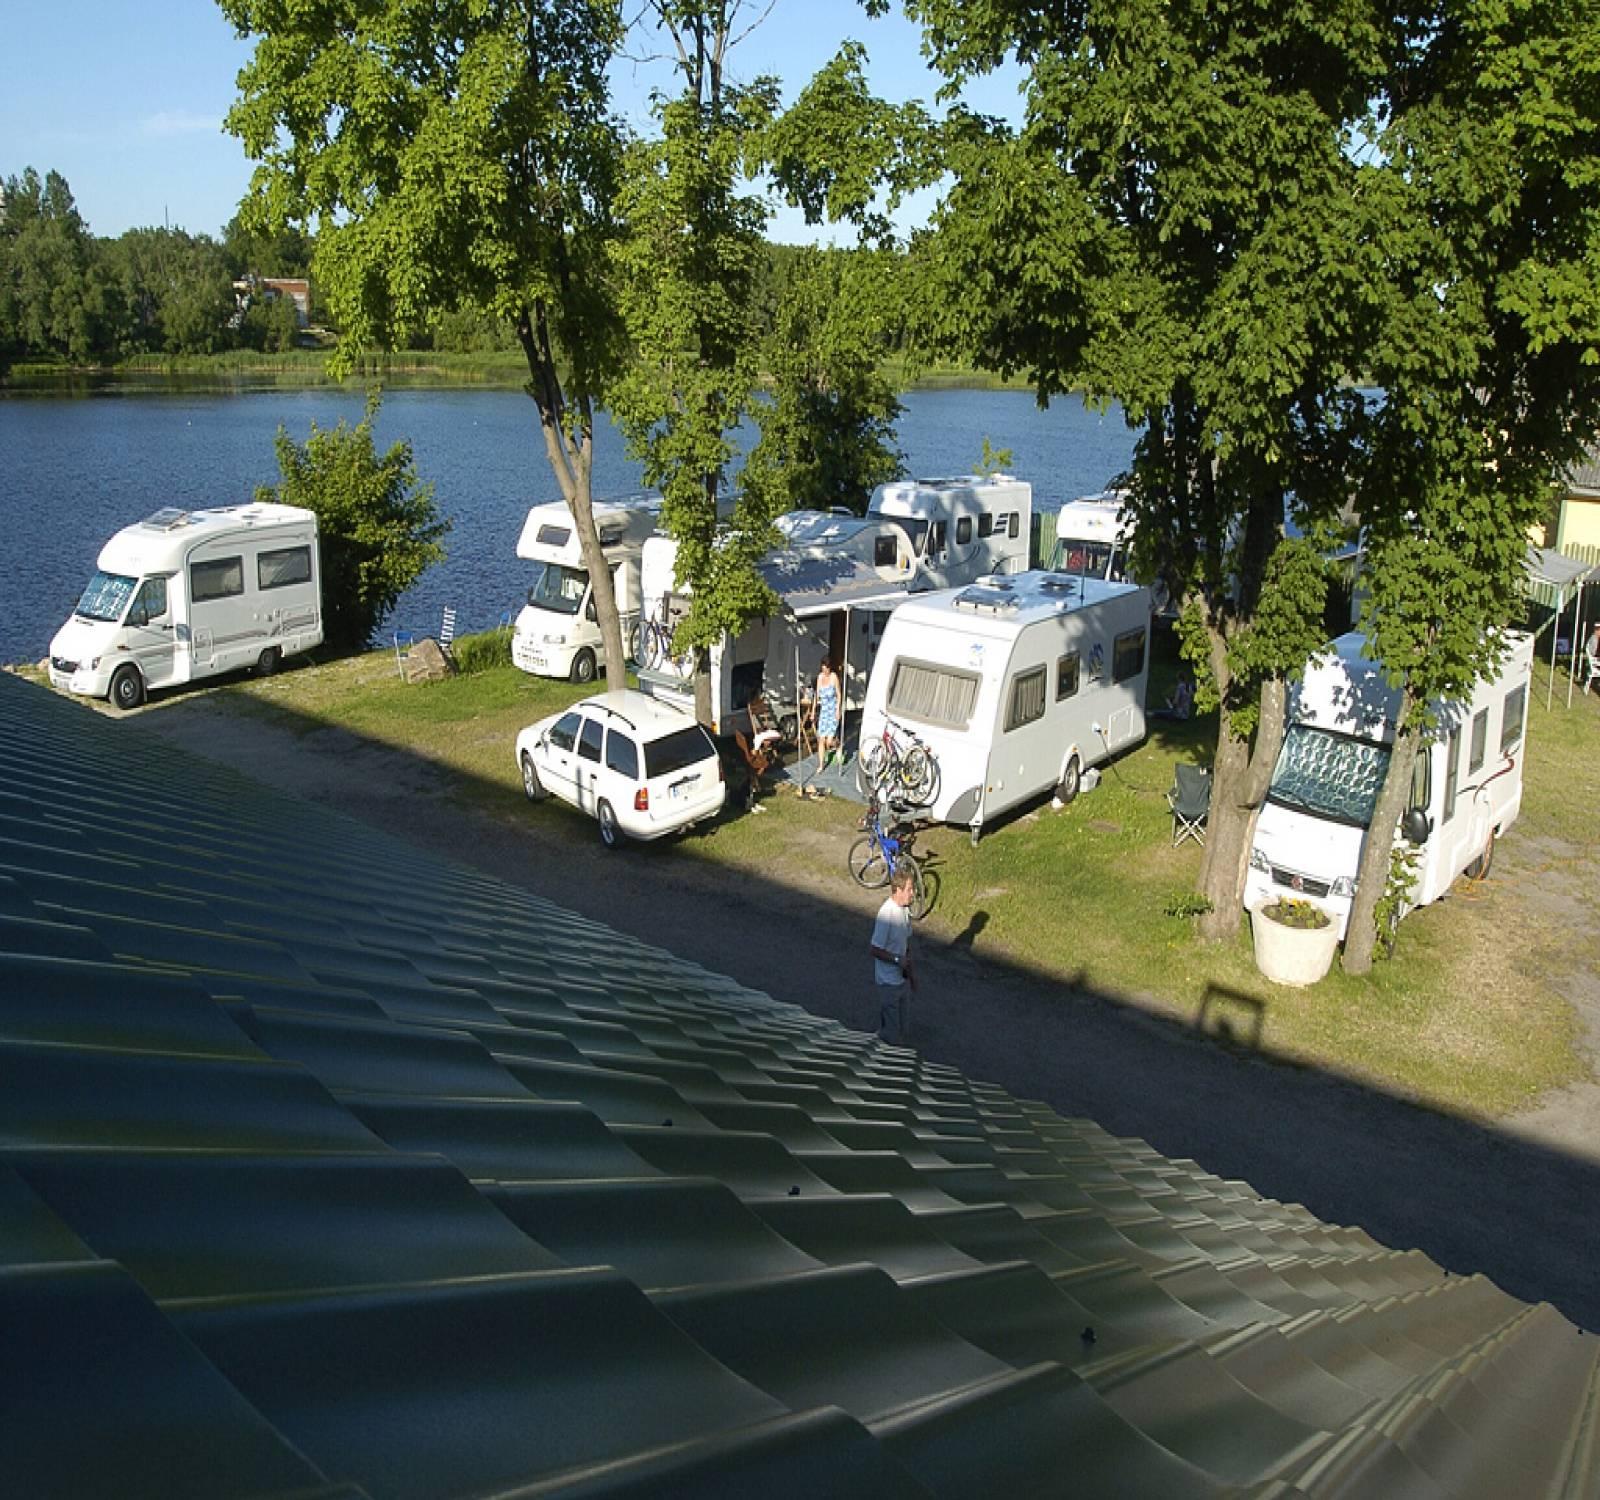 Suur-jõe 44a,Pärnu,Pärnu maakond,Karavani parkimine,Suur-jõe,1021